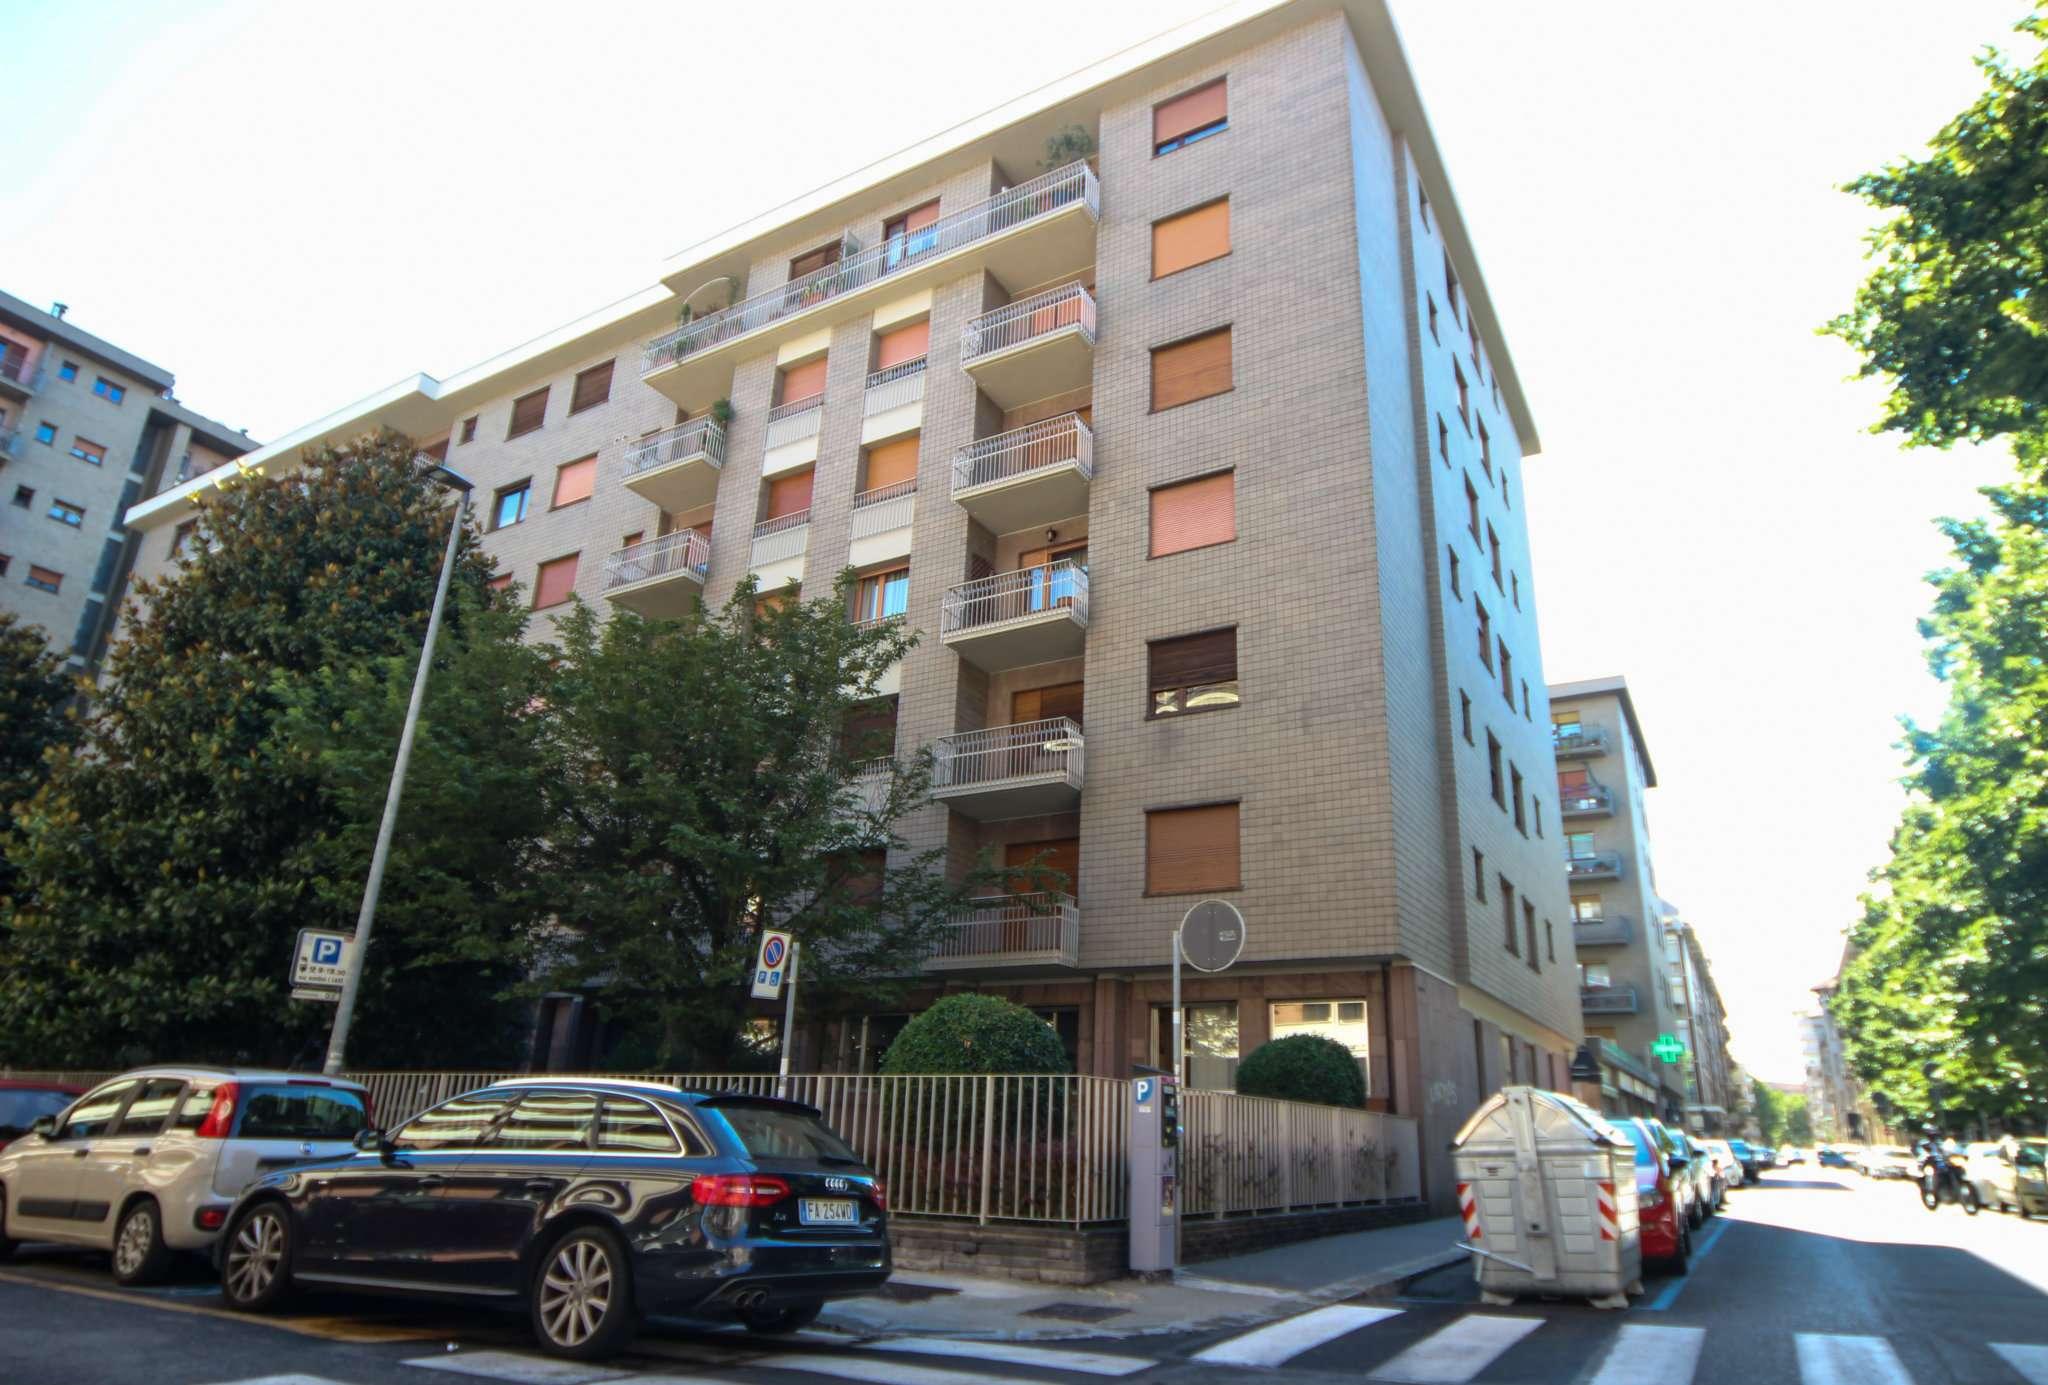 Ufficio in vendita Zona Cit Turin, San Donato, Campidoglio - via Piffetti 31/bis Torino